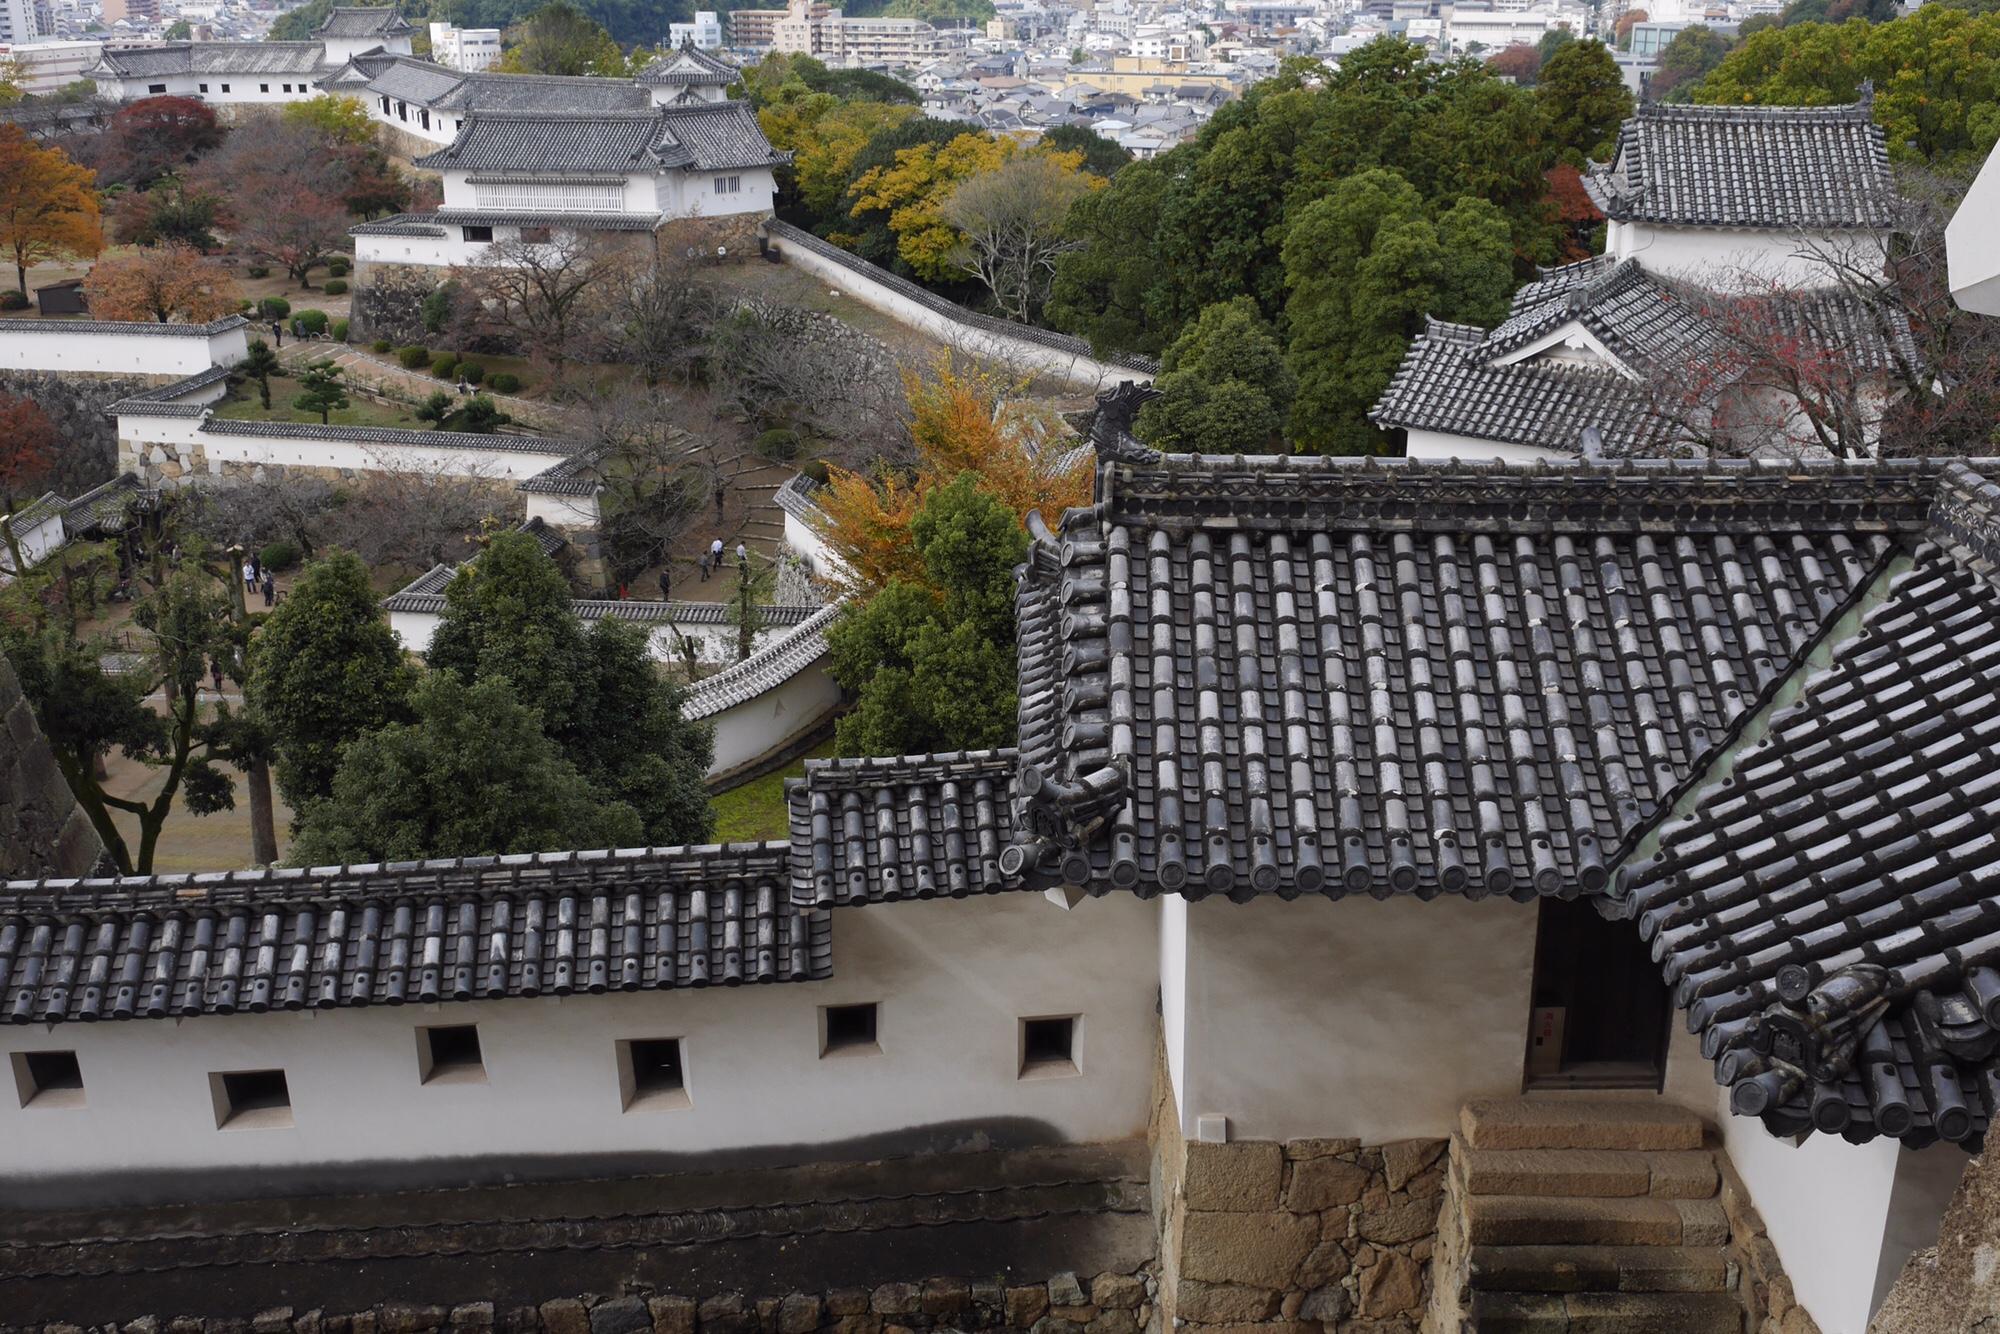 姫路城 城壁つづら折り